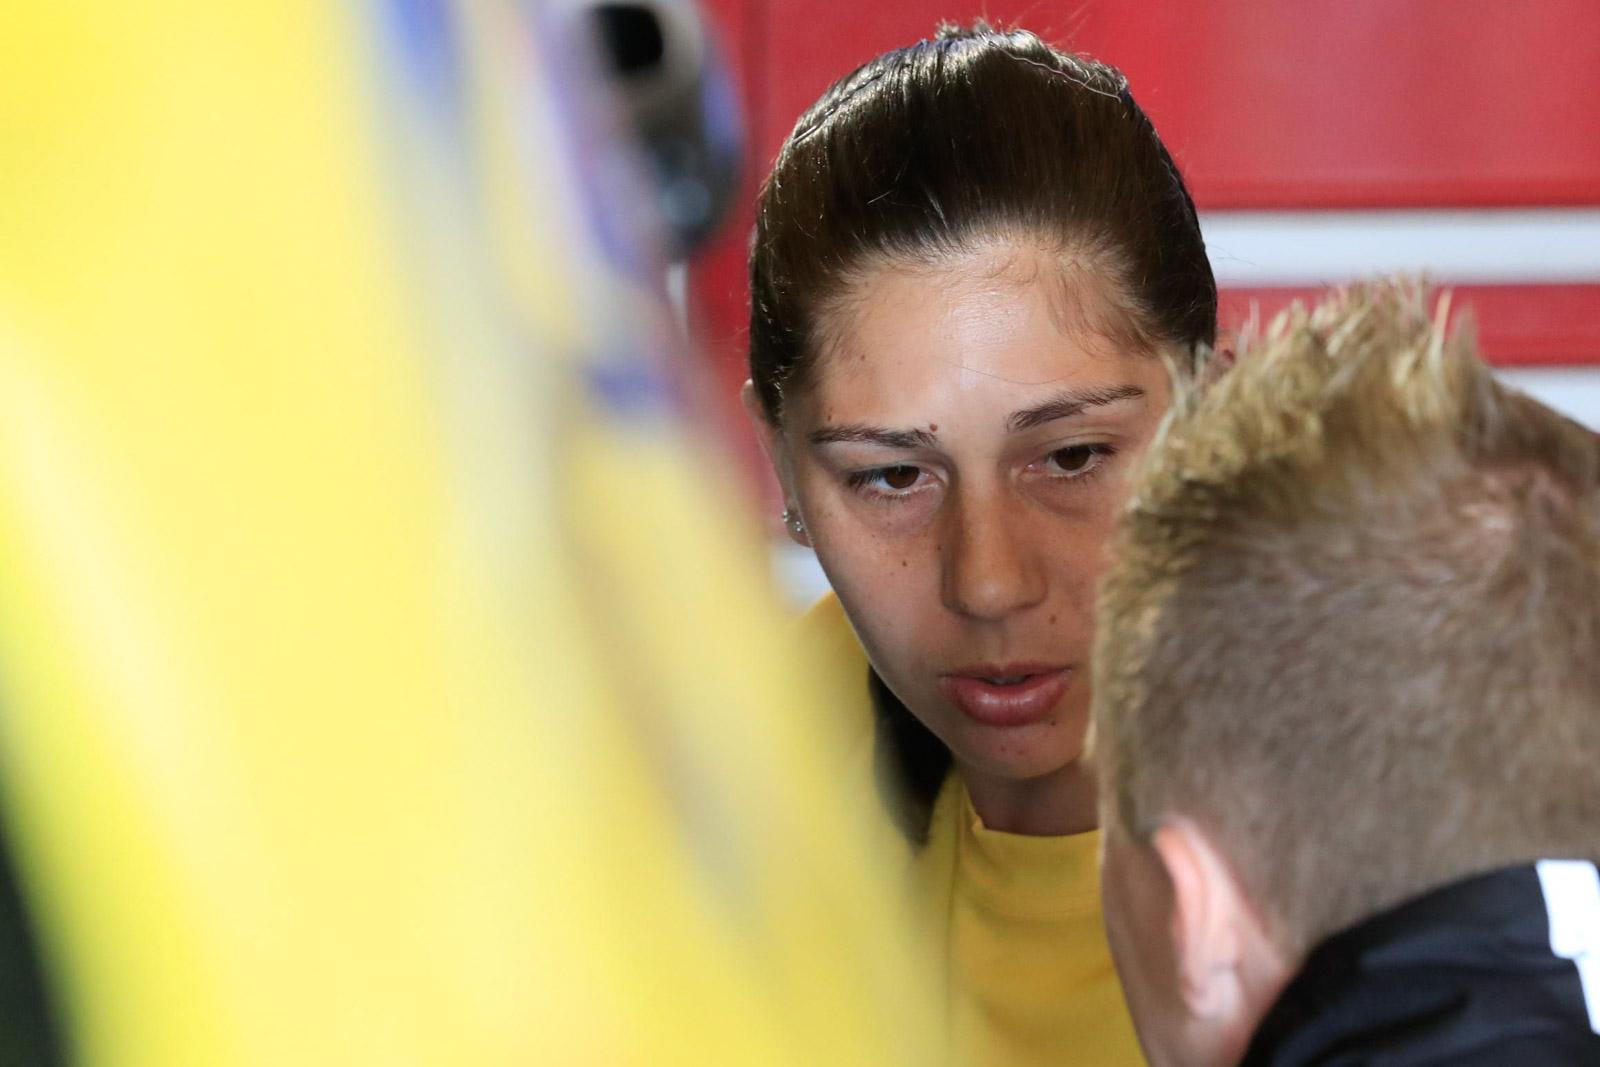 Janelle Navarro leading the way for women in motorsport